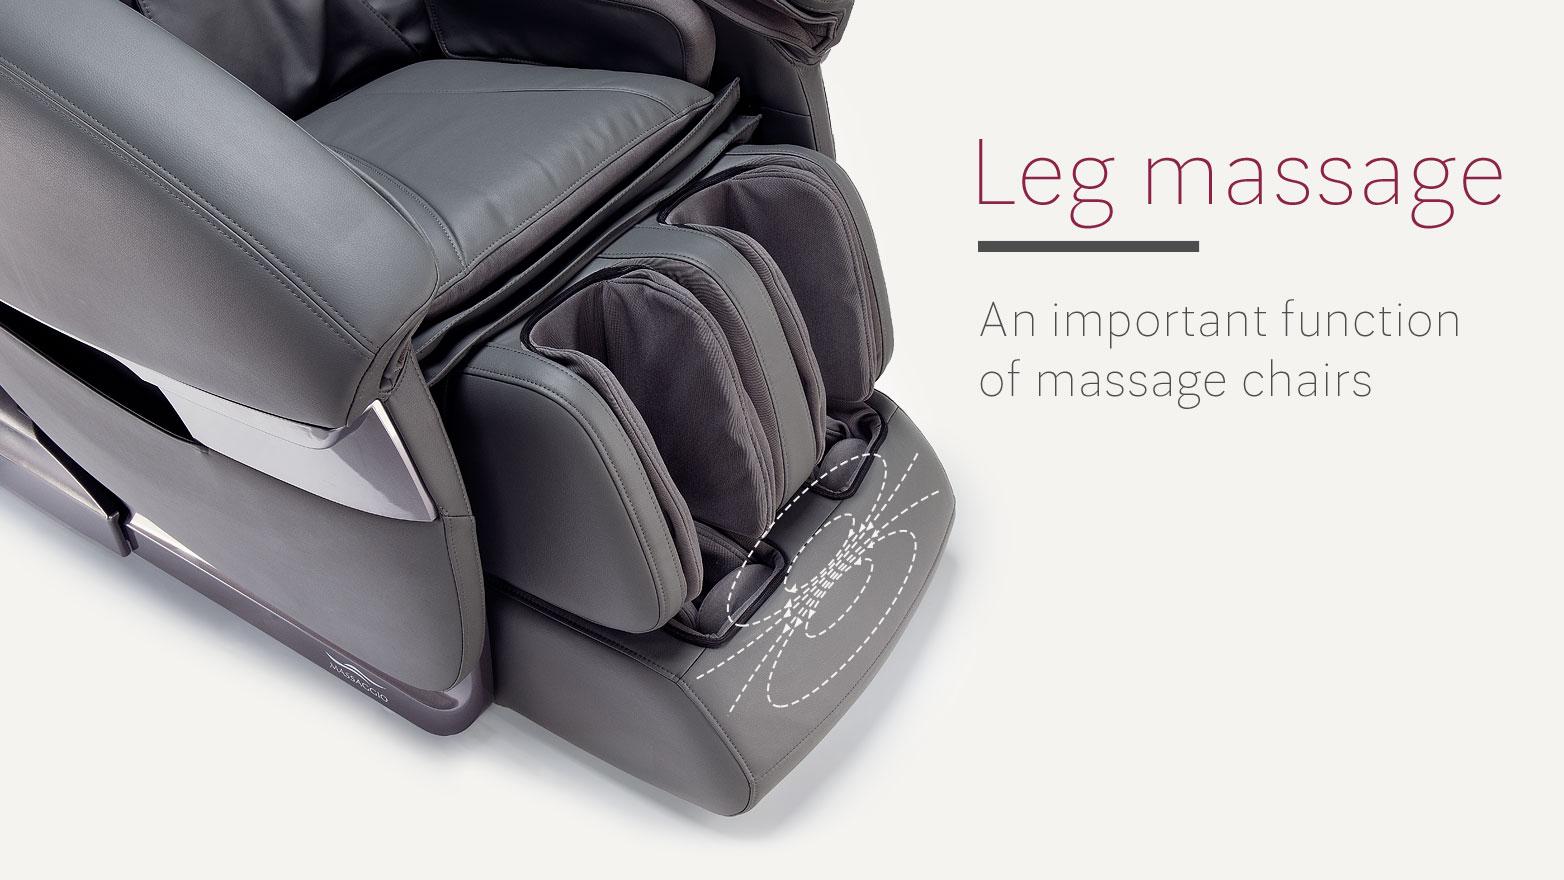 Leg massage in massage chair